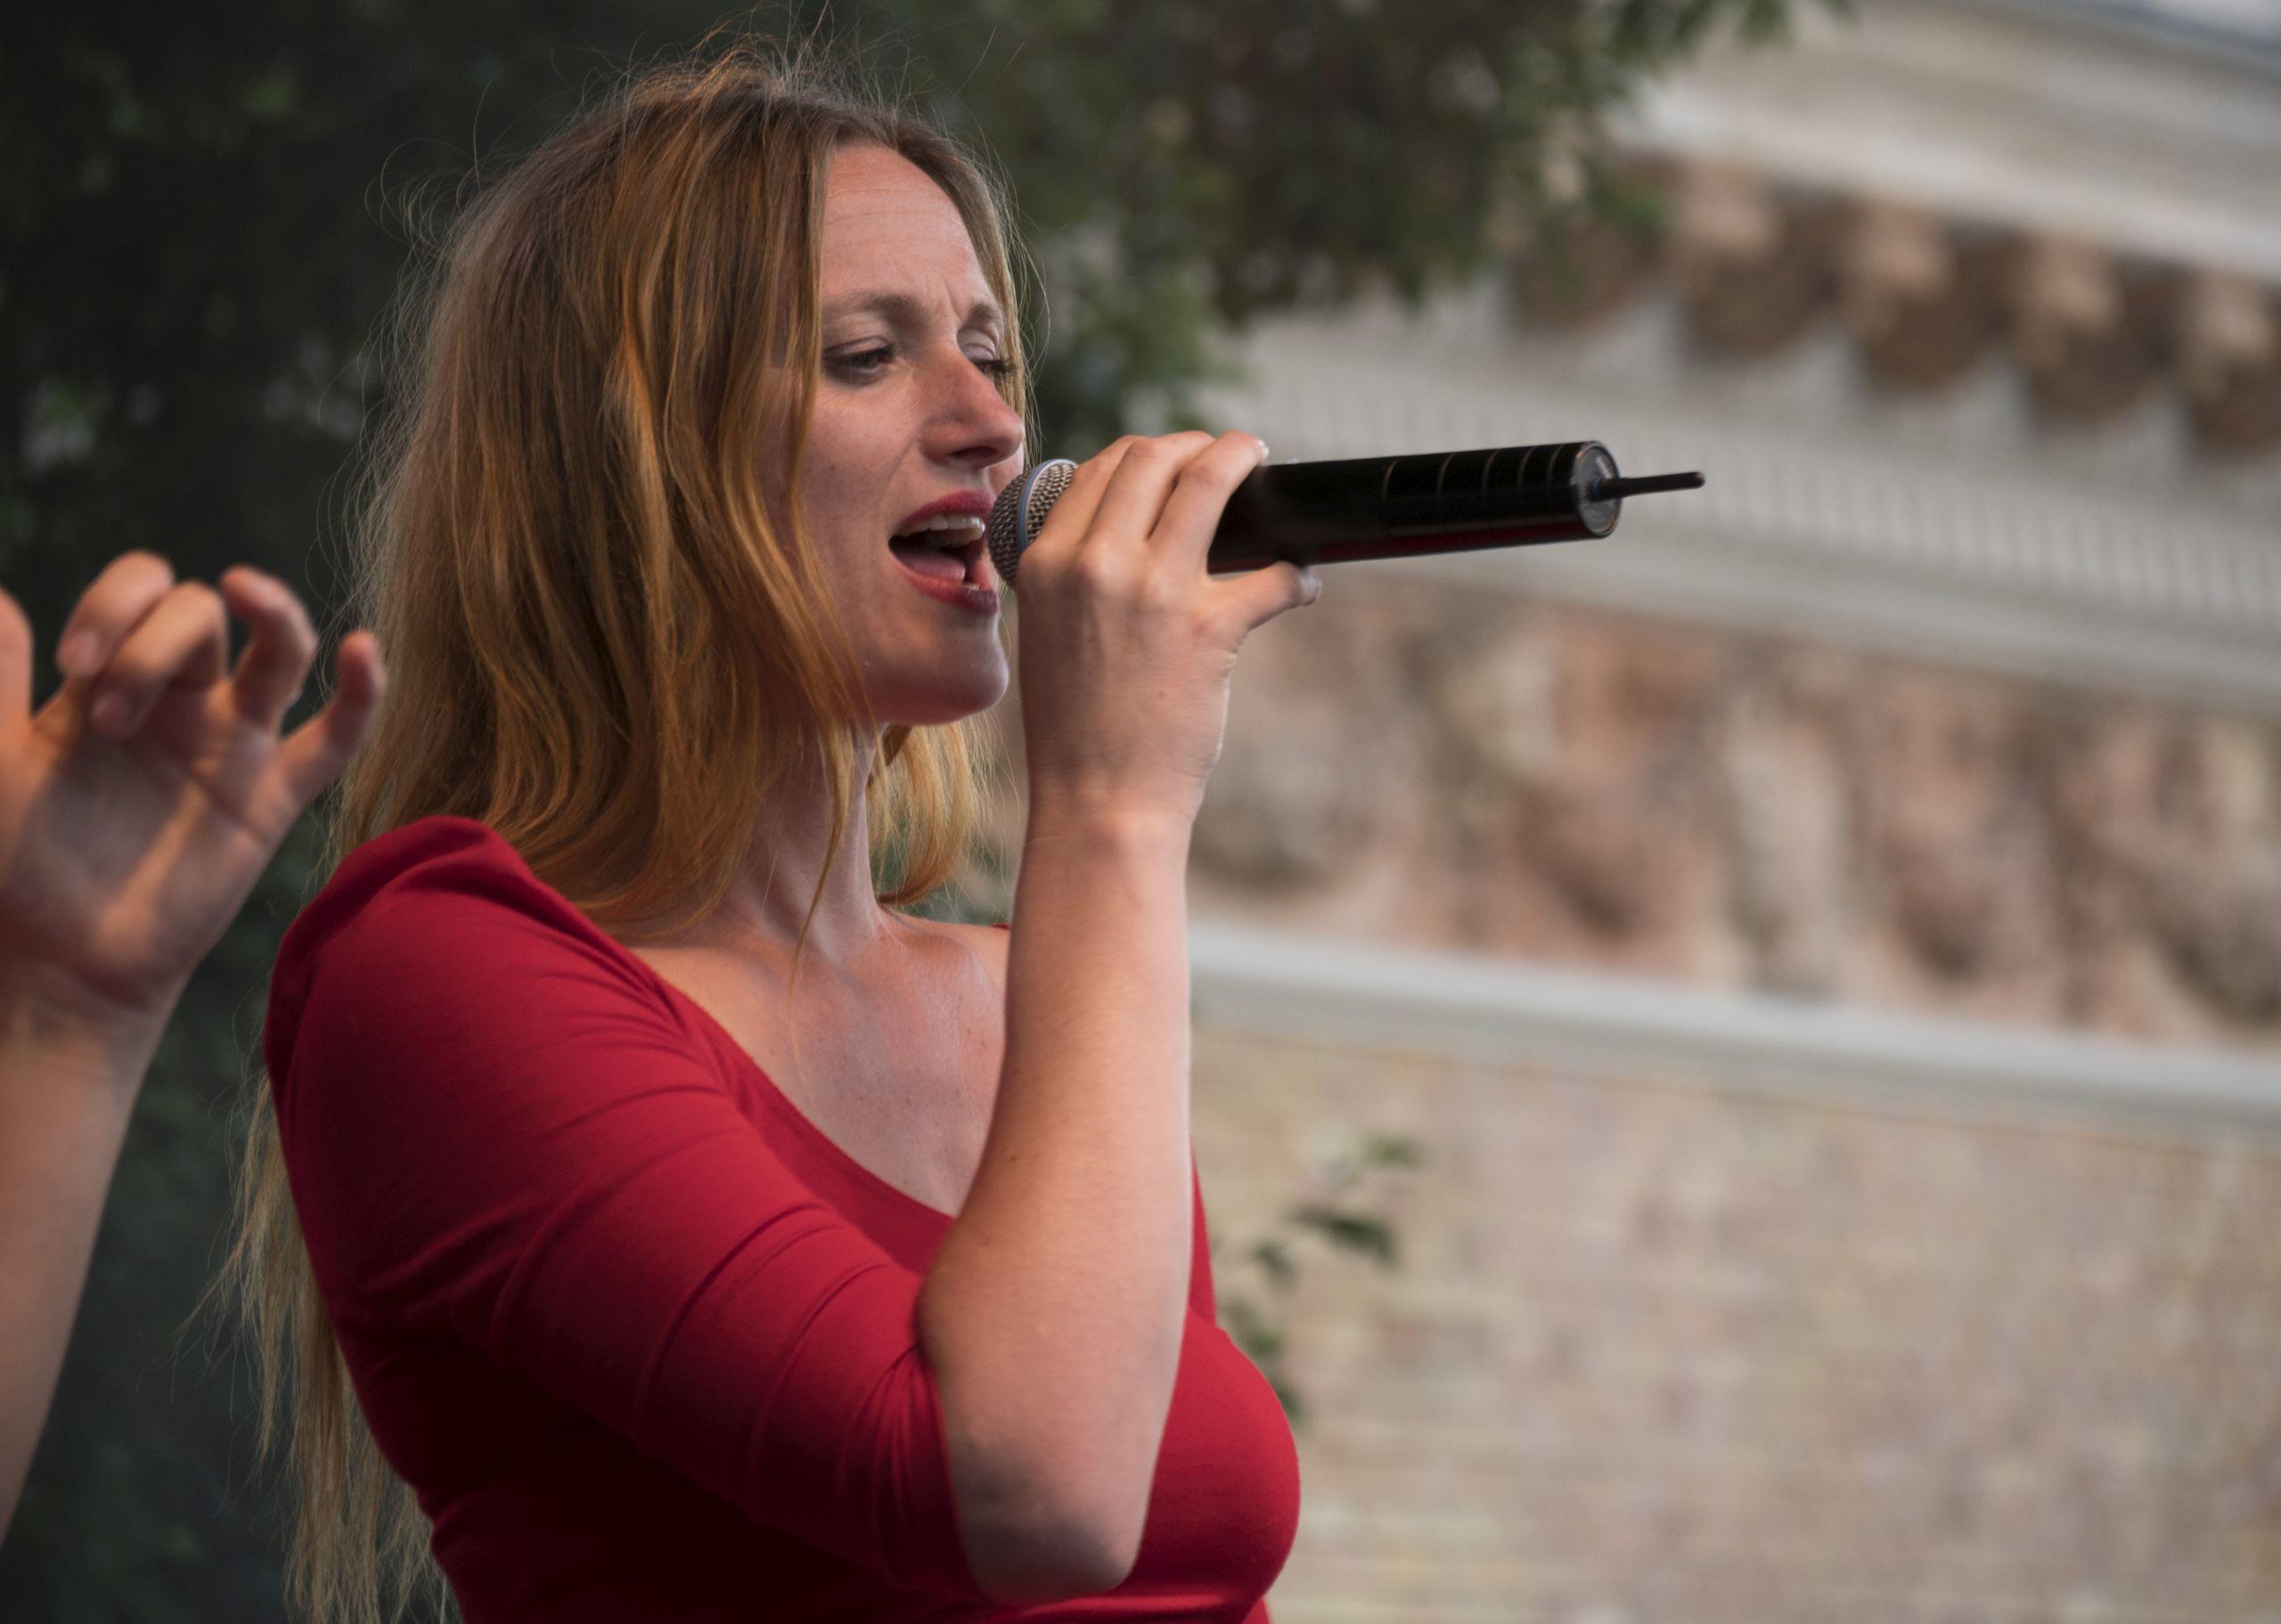 Fotó: Vargha Máté<br />http://www.budapestacappella.hu/fellepo/yellow-sisters/